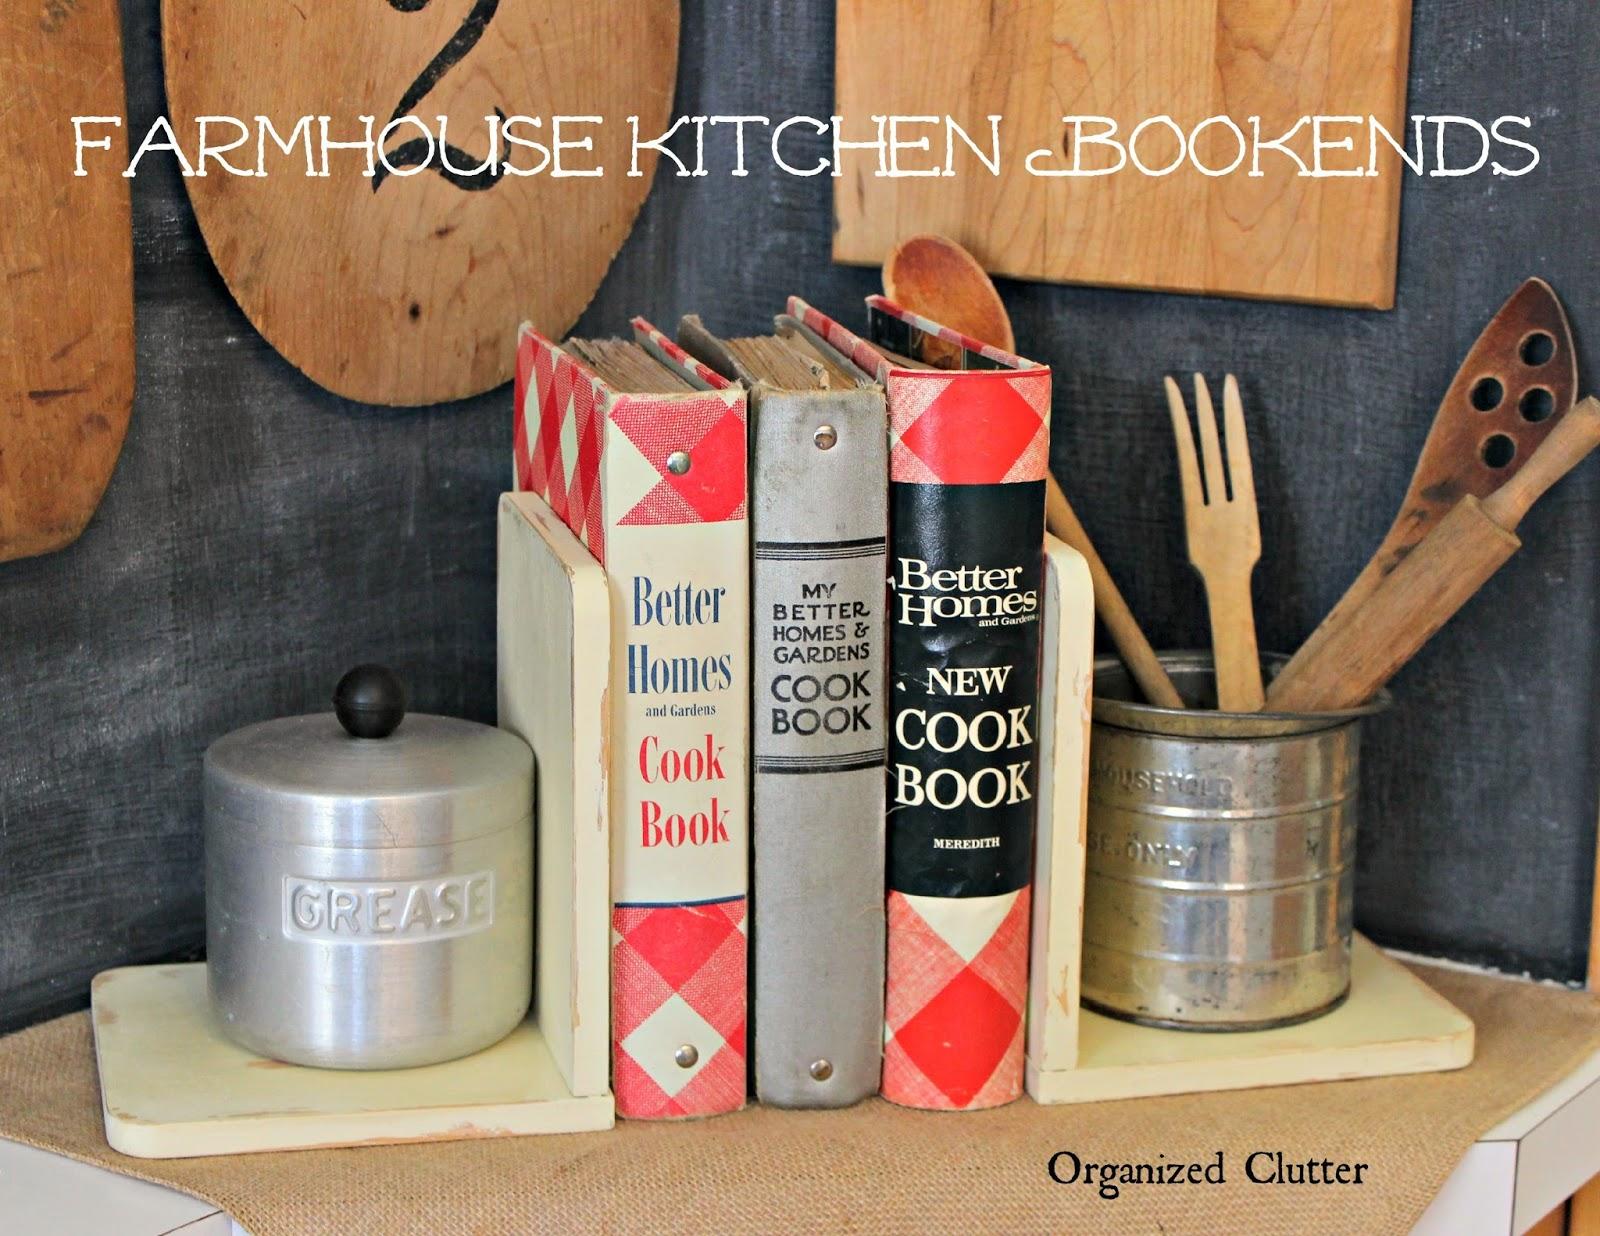 Thrift Shop Shelves to Farmhouse Bookends www.organizedclutter.net